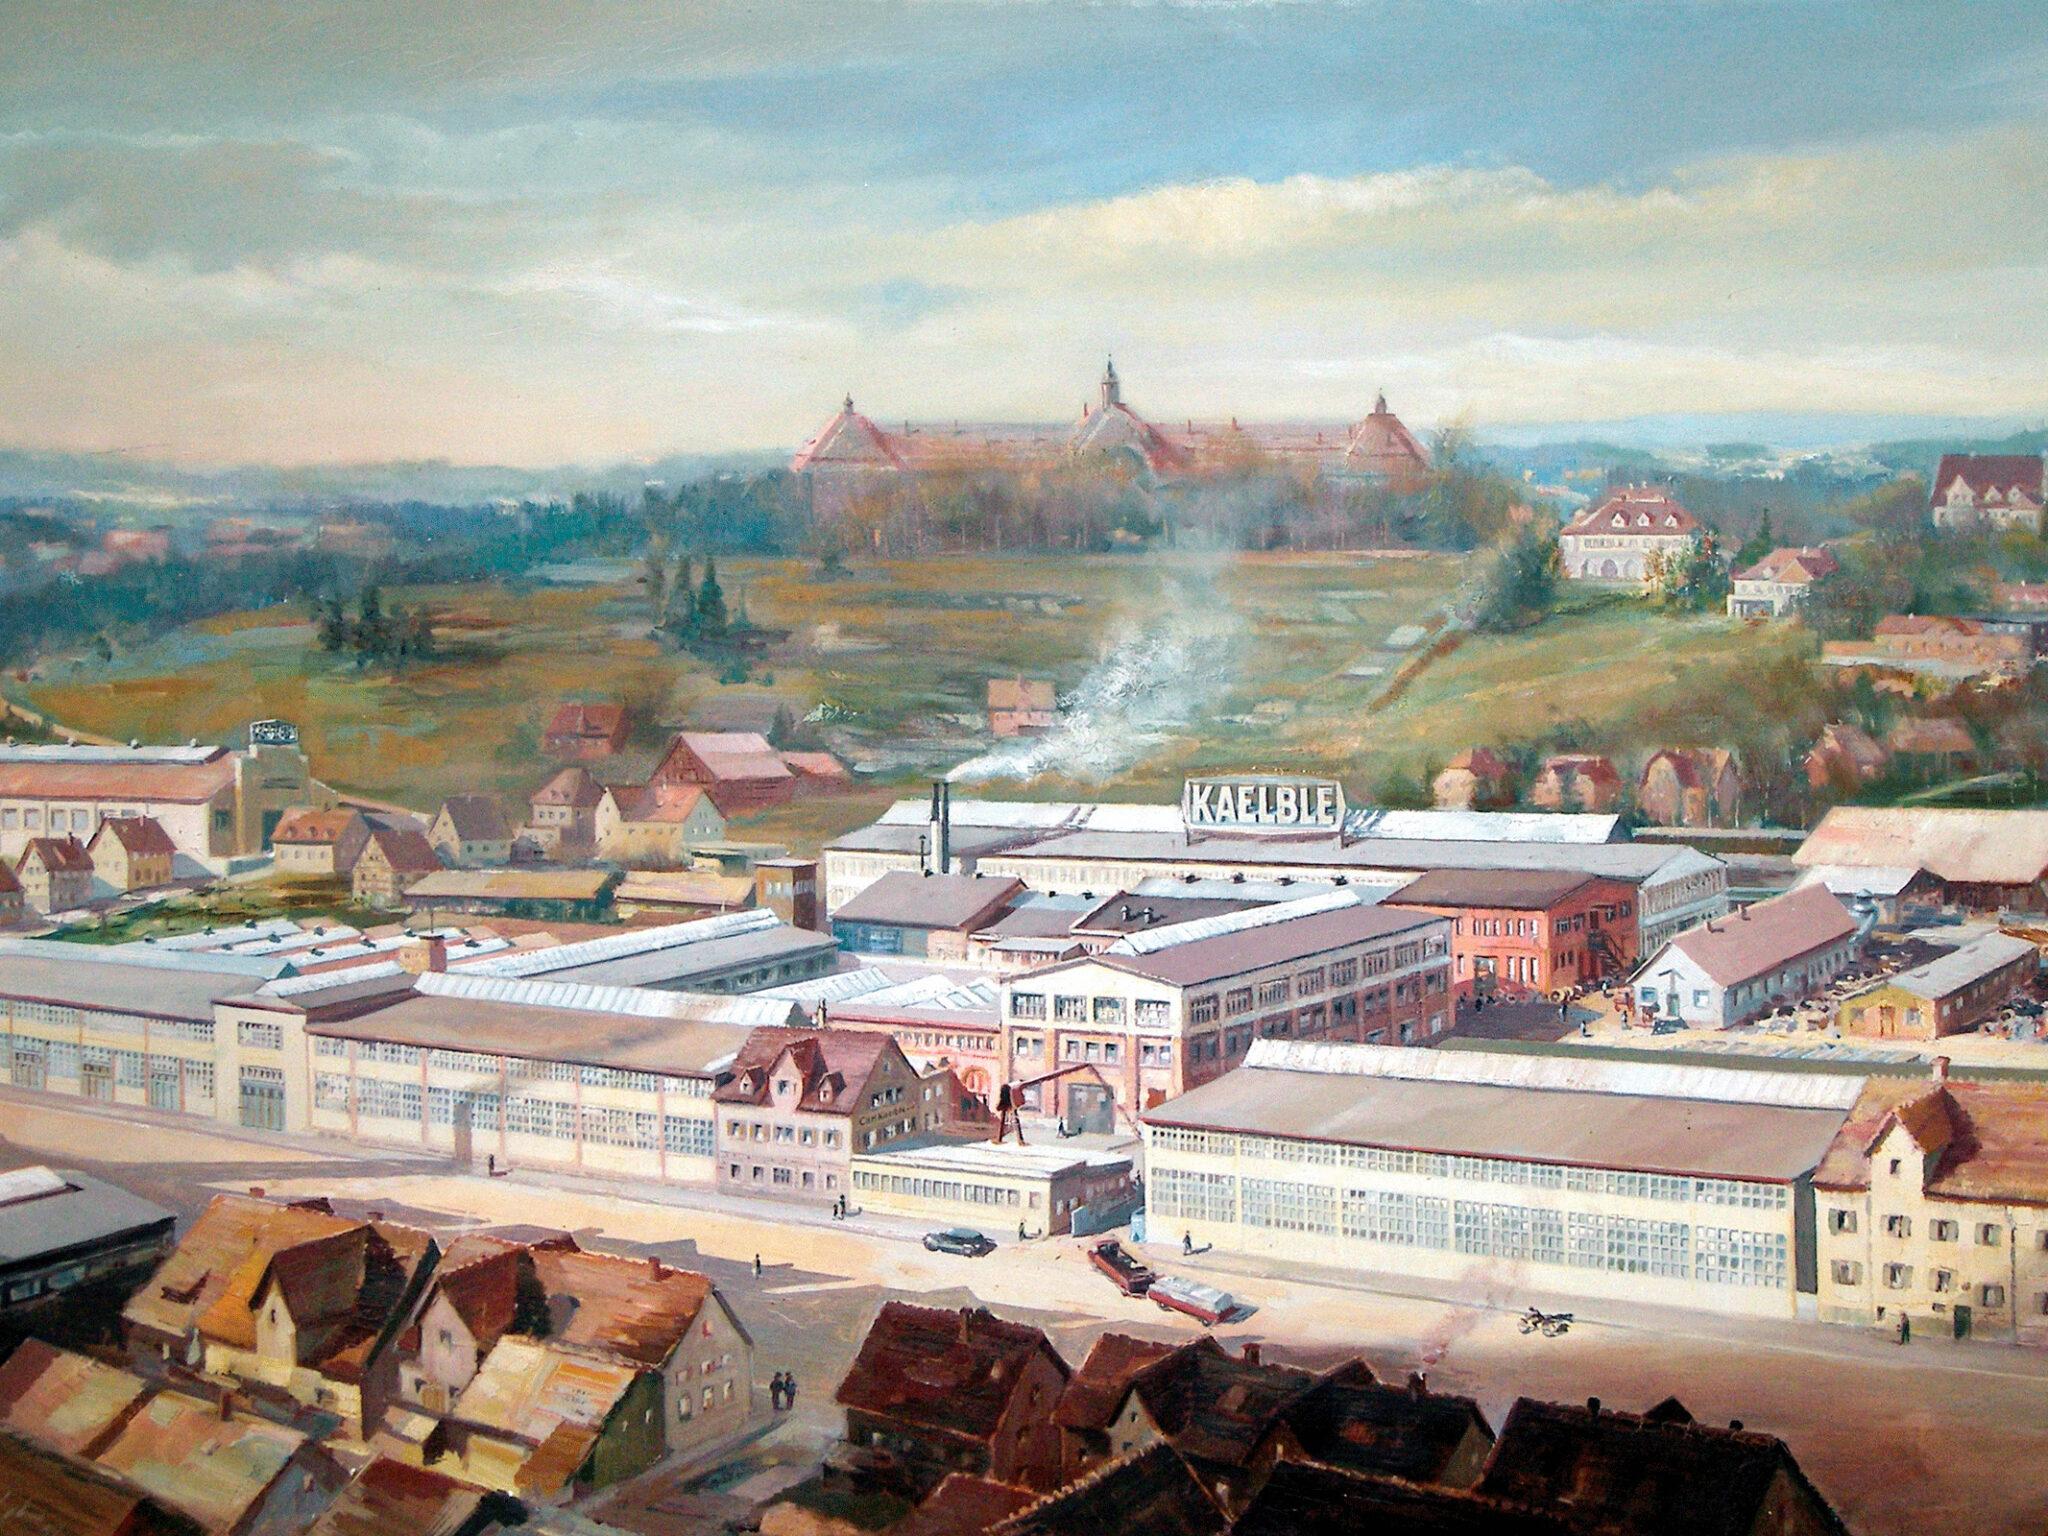 Kaelblewerk in Backnang (Bild: Oskar Kreibich)